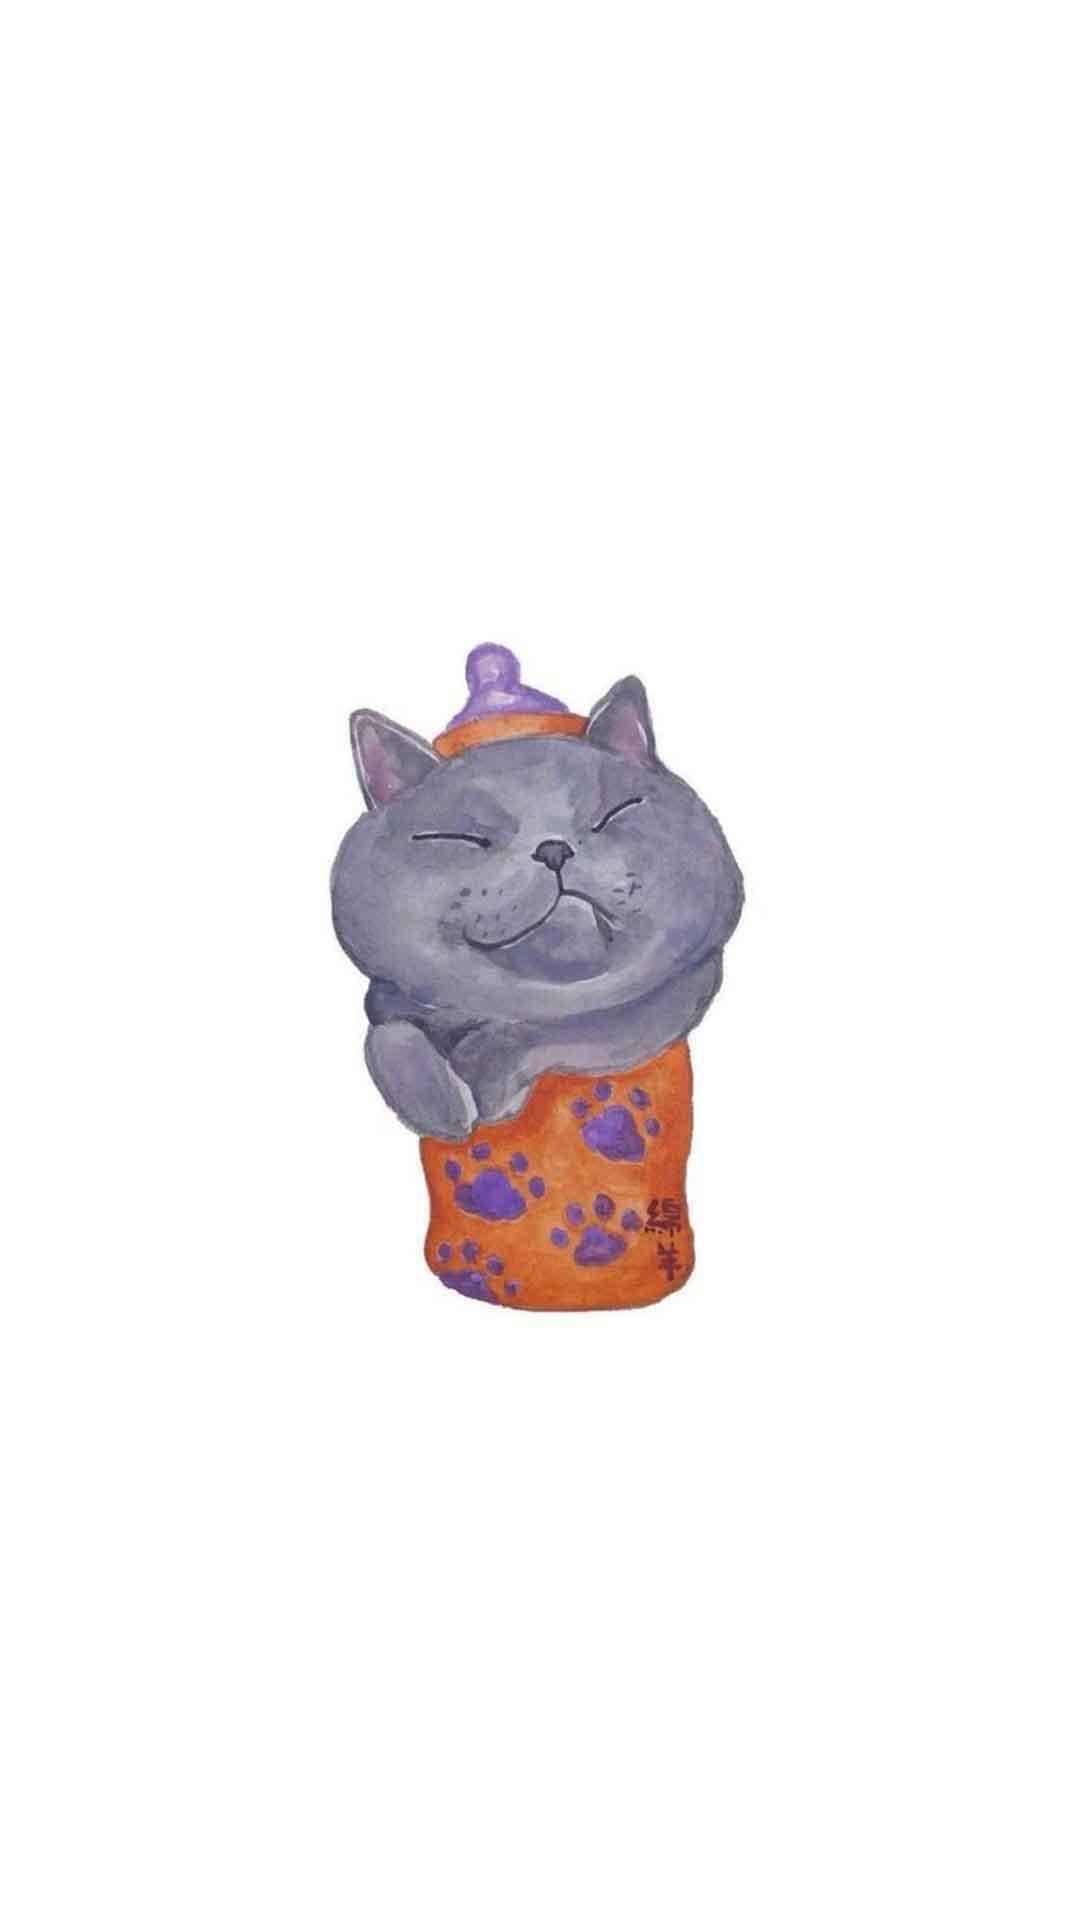 可爱宠物卡通小猫咪图片简约手机壁纸下载